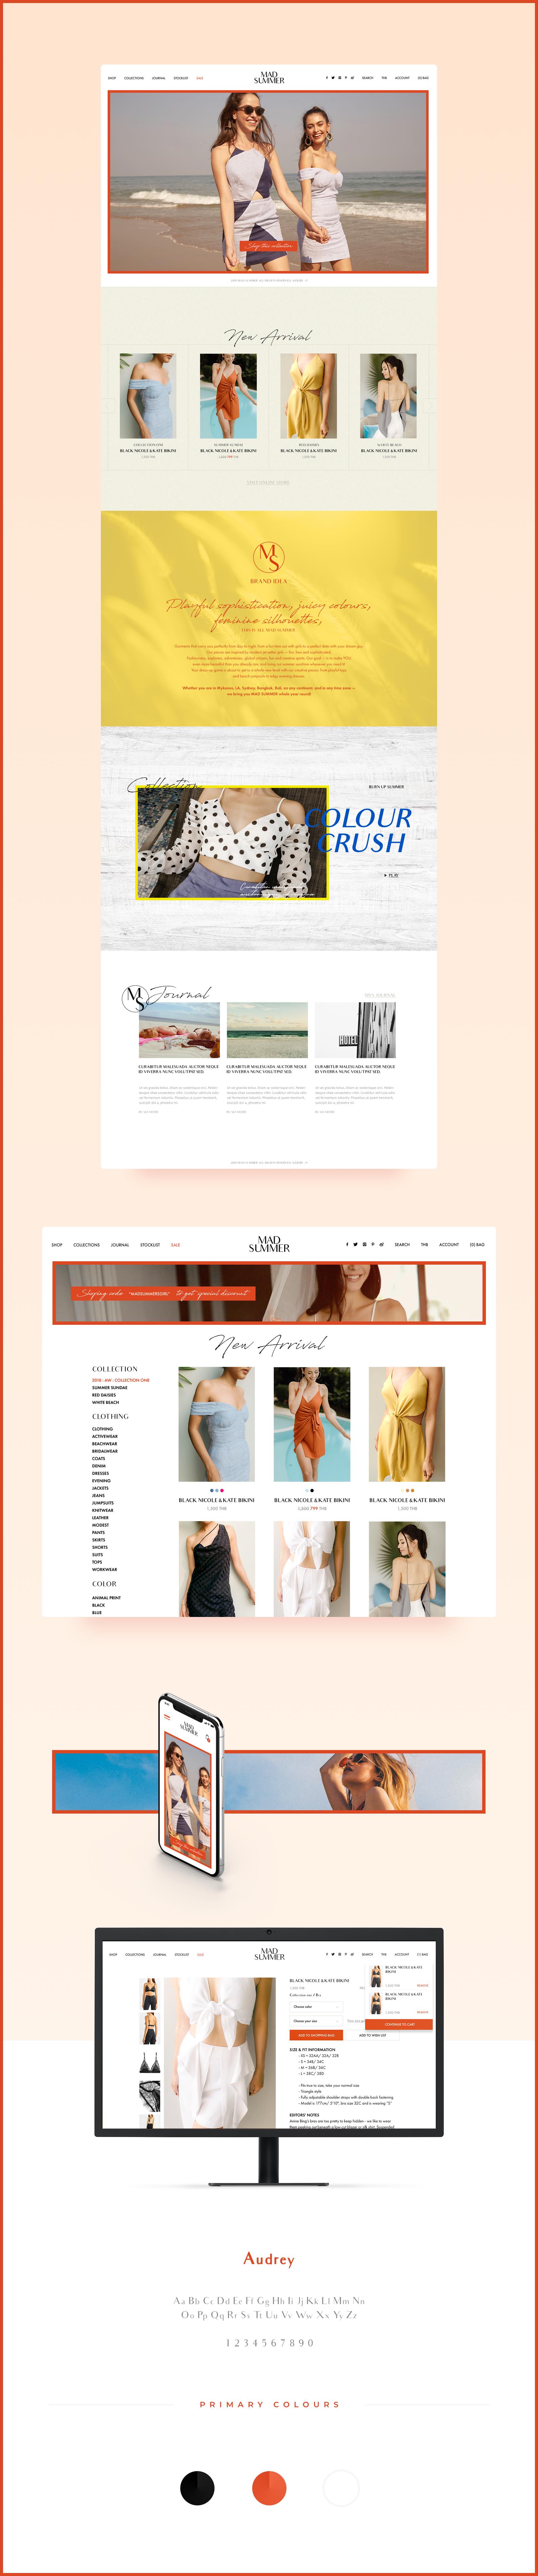 KOS Design - MAD Summer